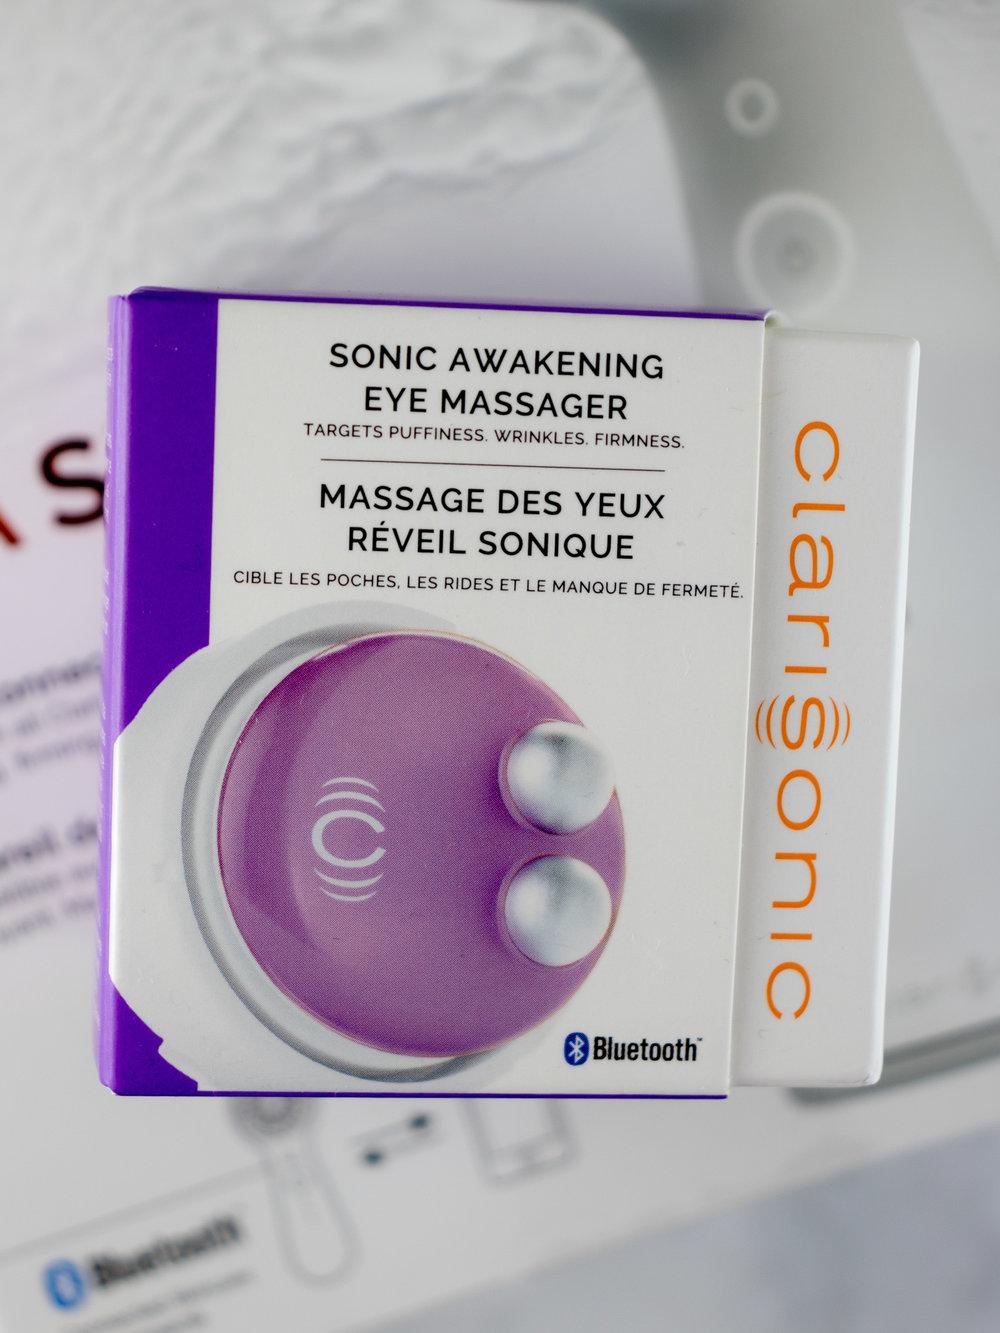 Clarisonic Sonic Awakening Eye Massager